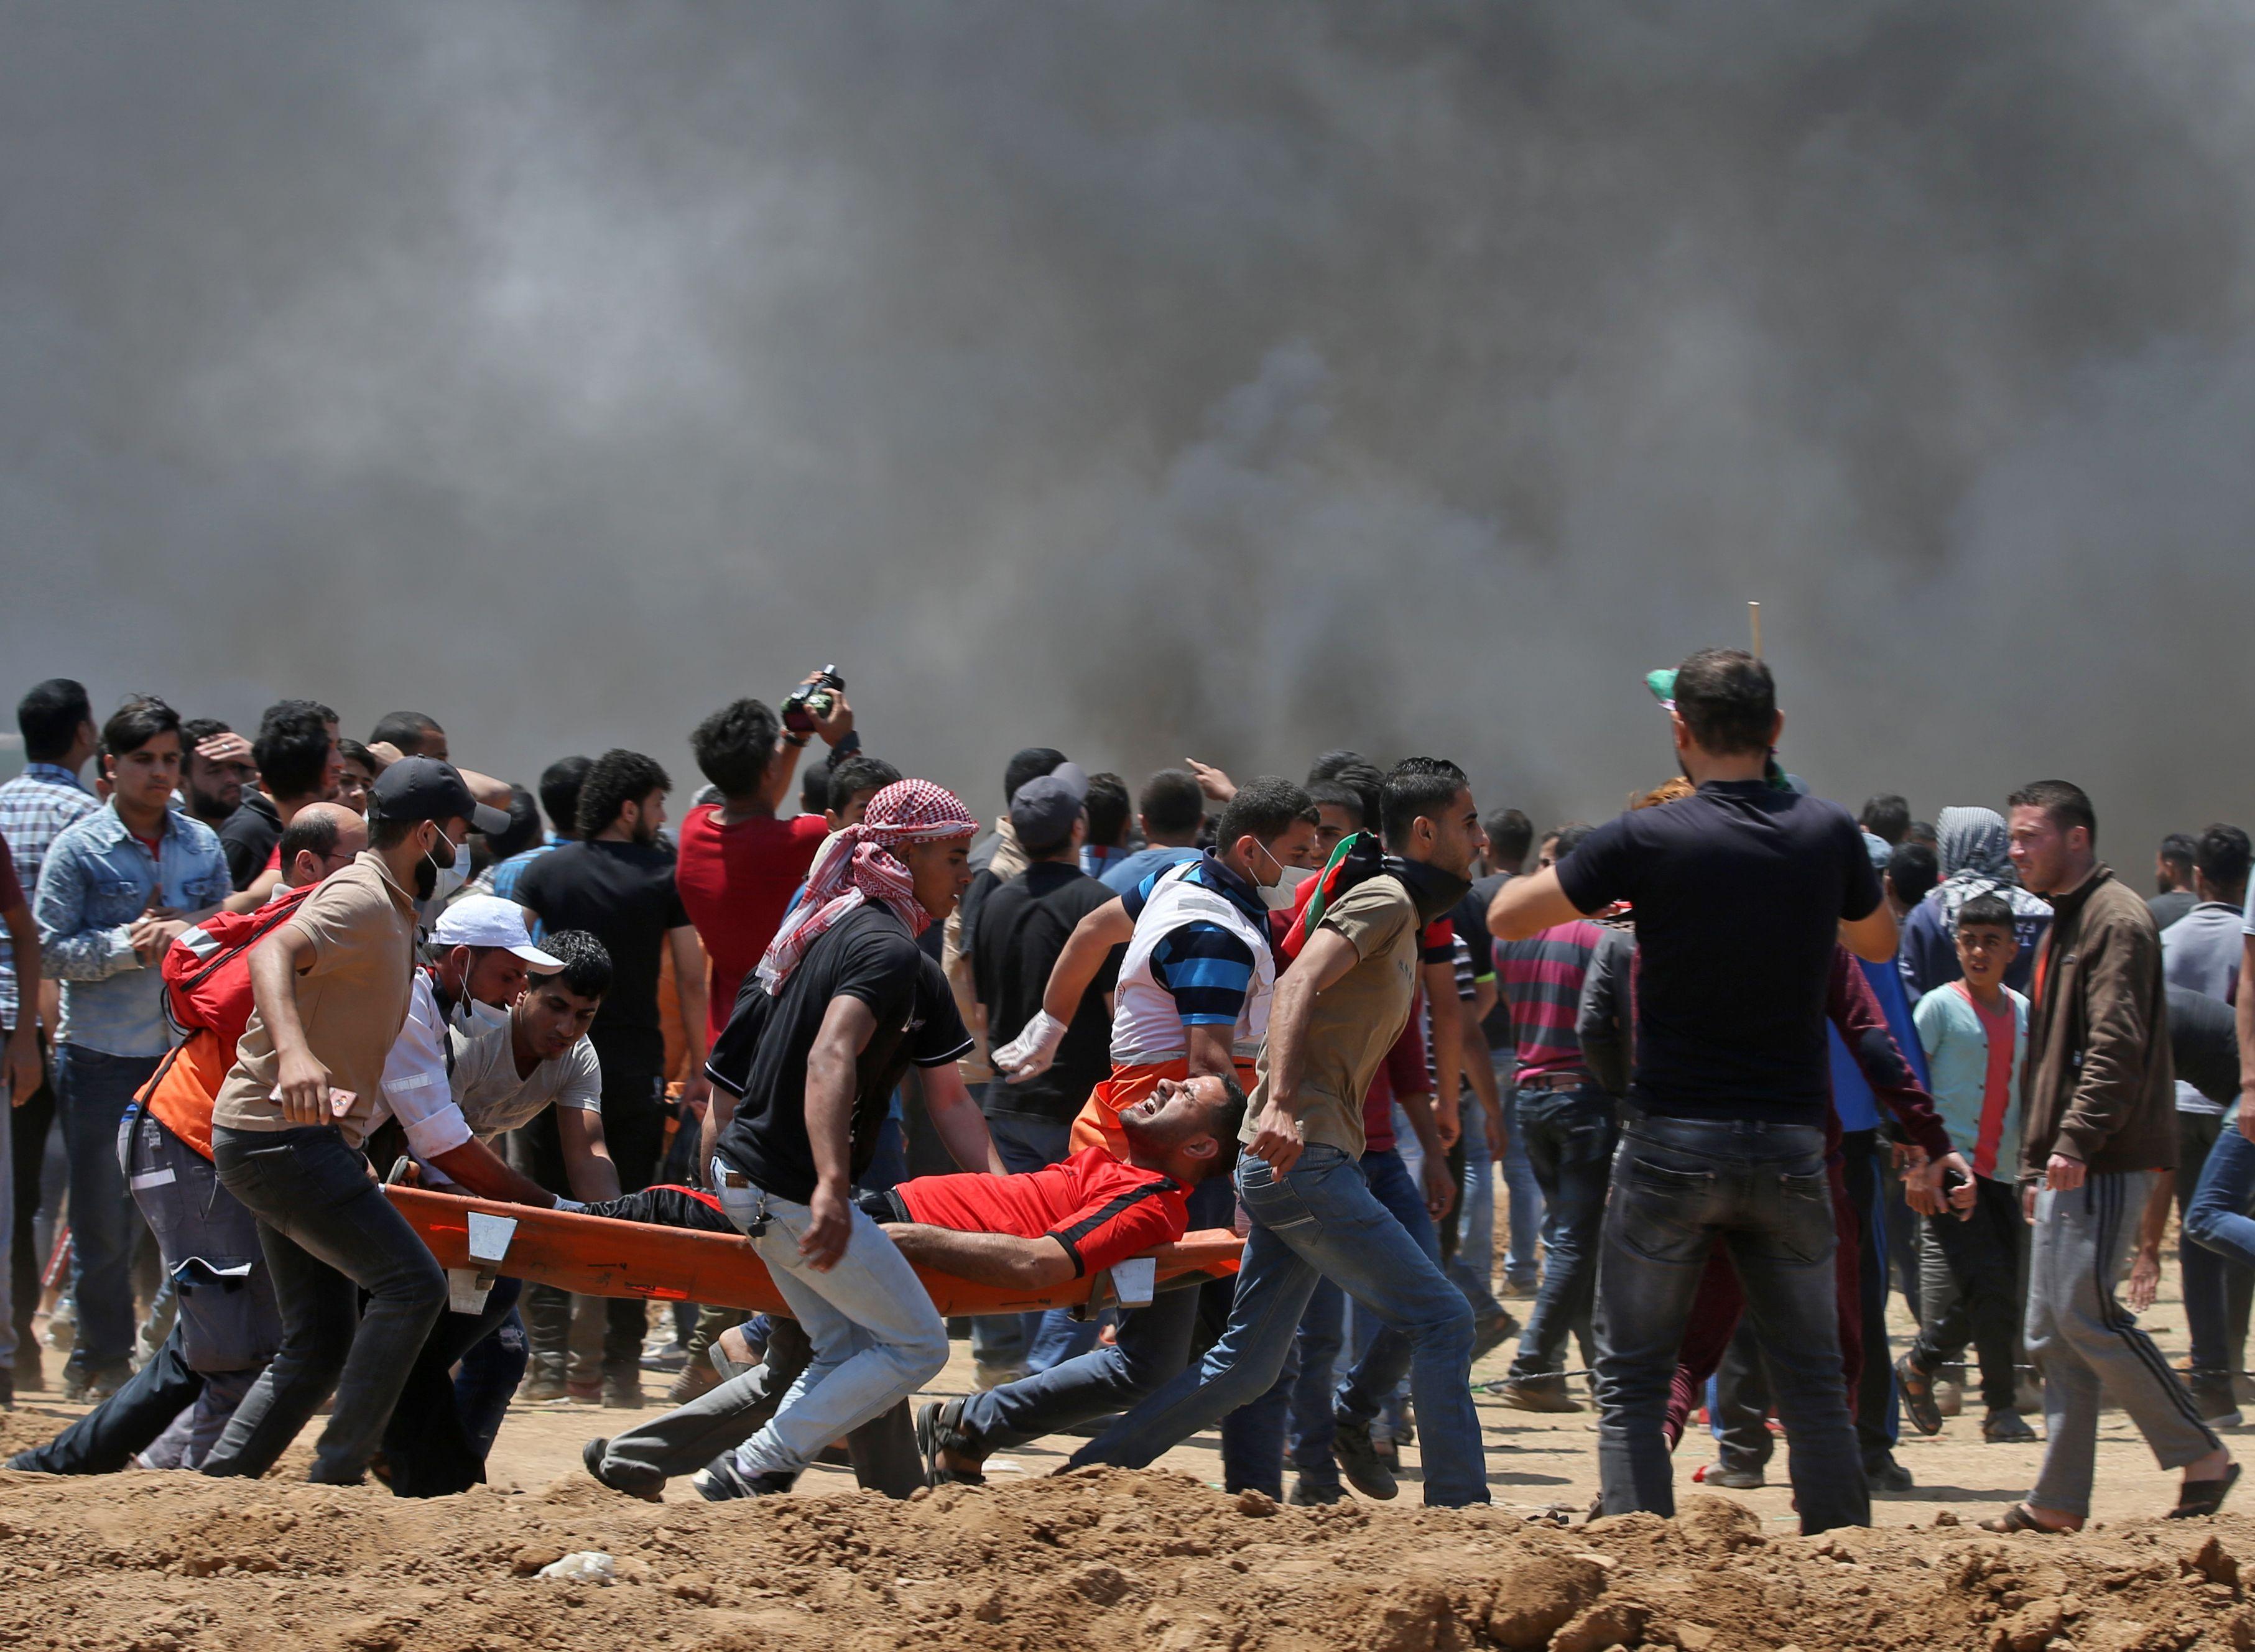 إصابات فى صفوف الفلسطينيين على حدود غزة